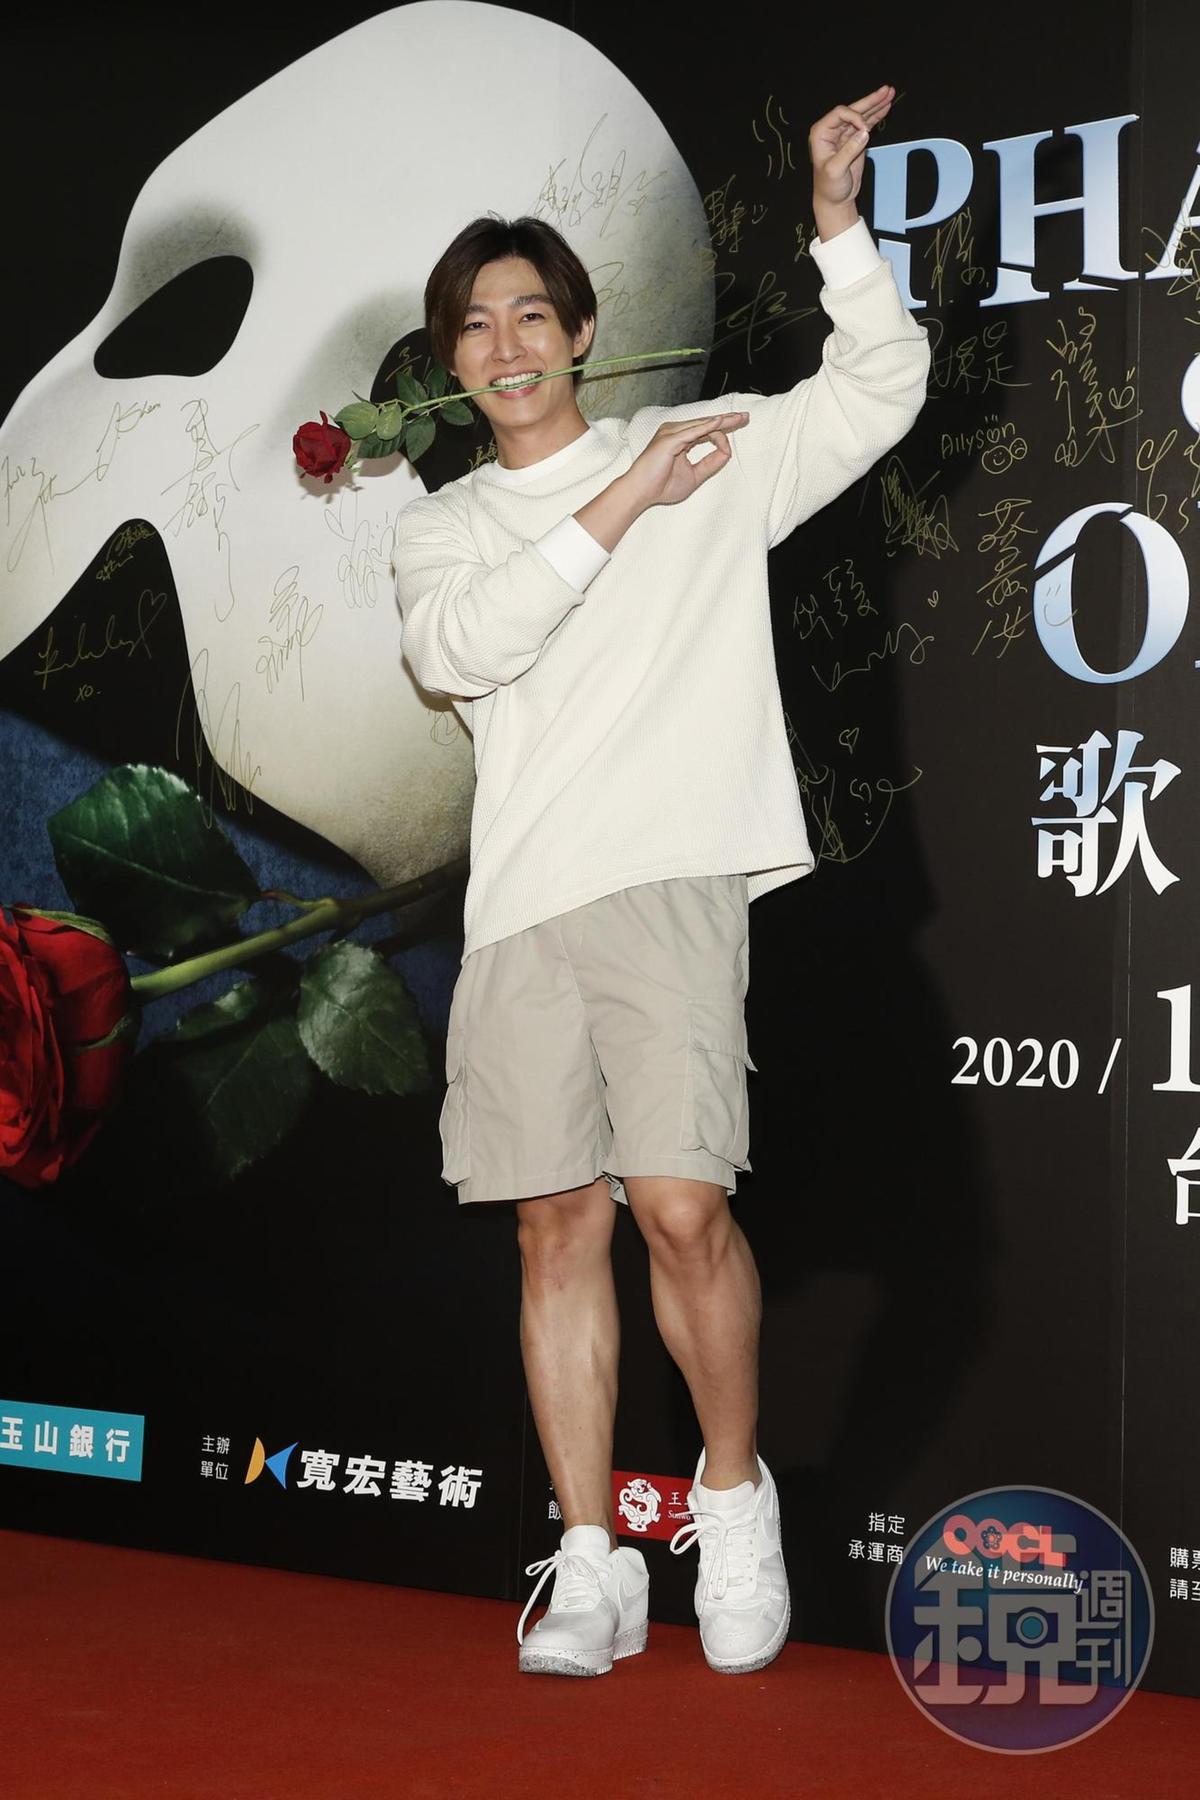 炎亞綸說他是來《歌劇魅影》偷靈感的。